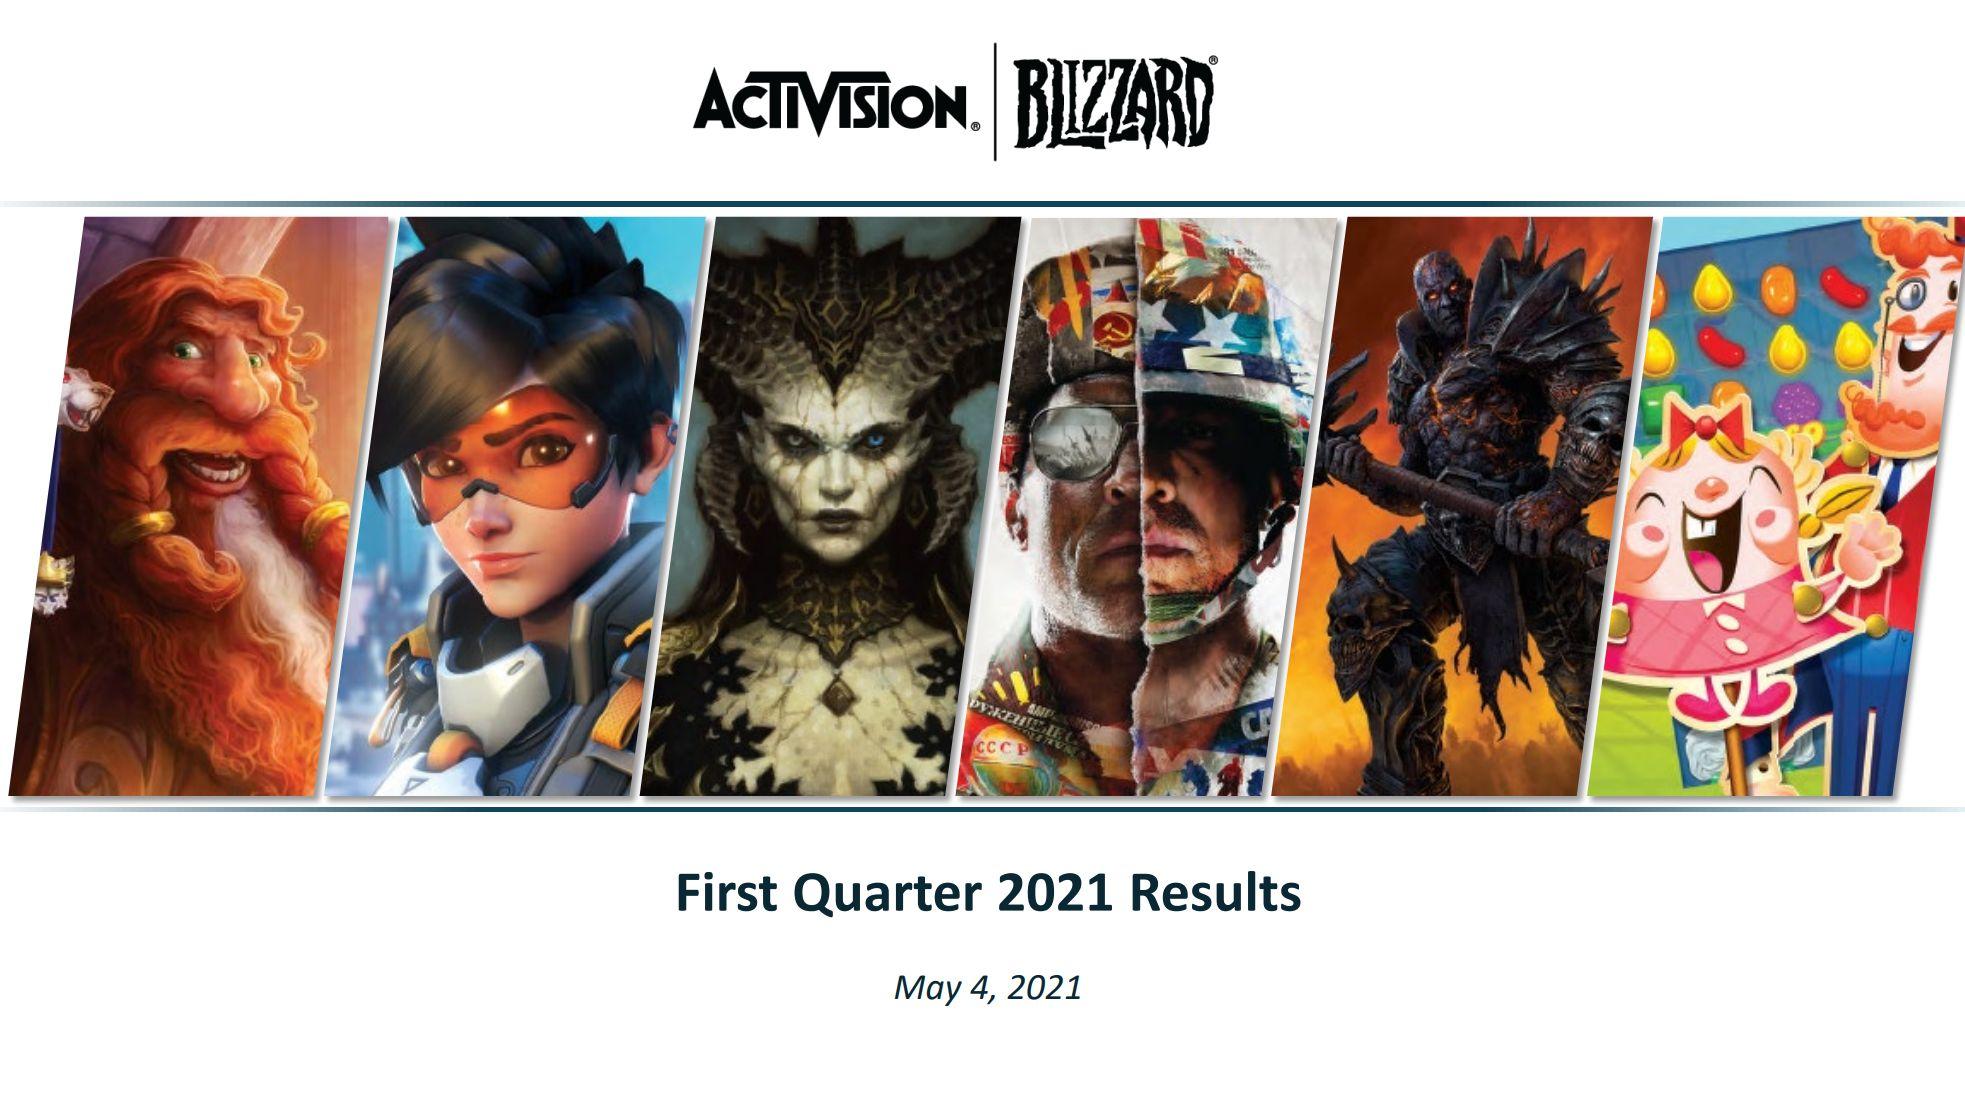 Blizzards Finanzbericht fürs 1. Quartal 2021 - Neues zu WoW, Diablo und Co.